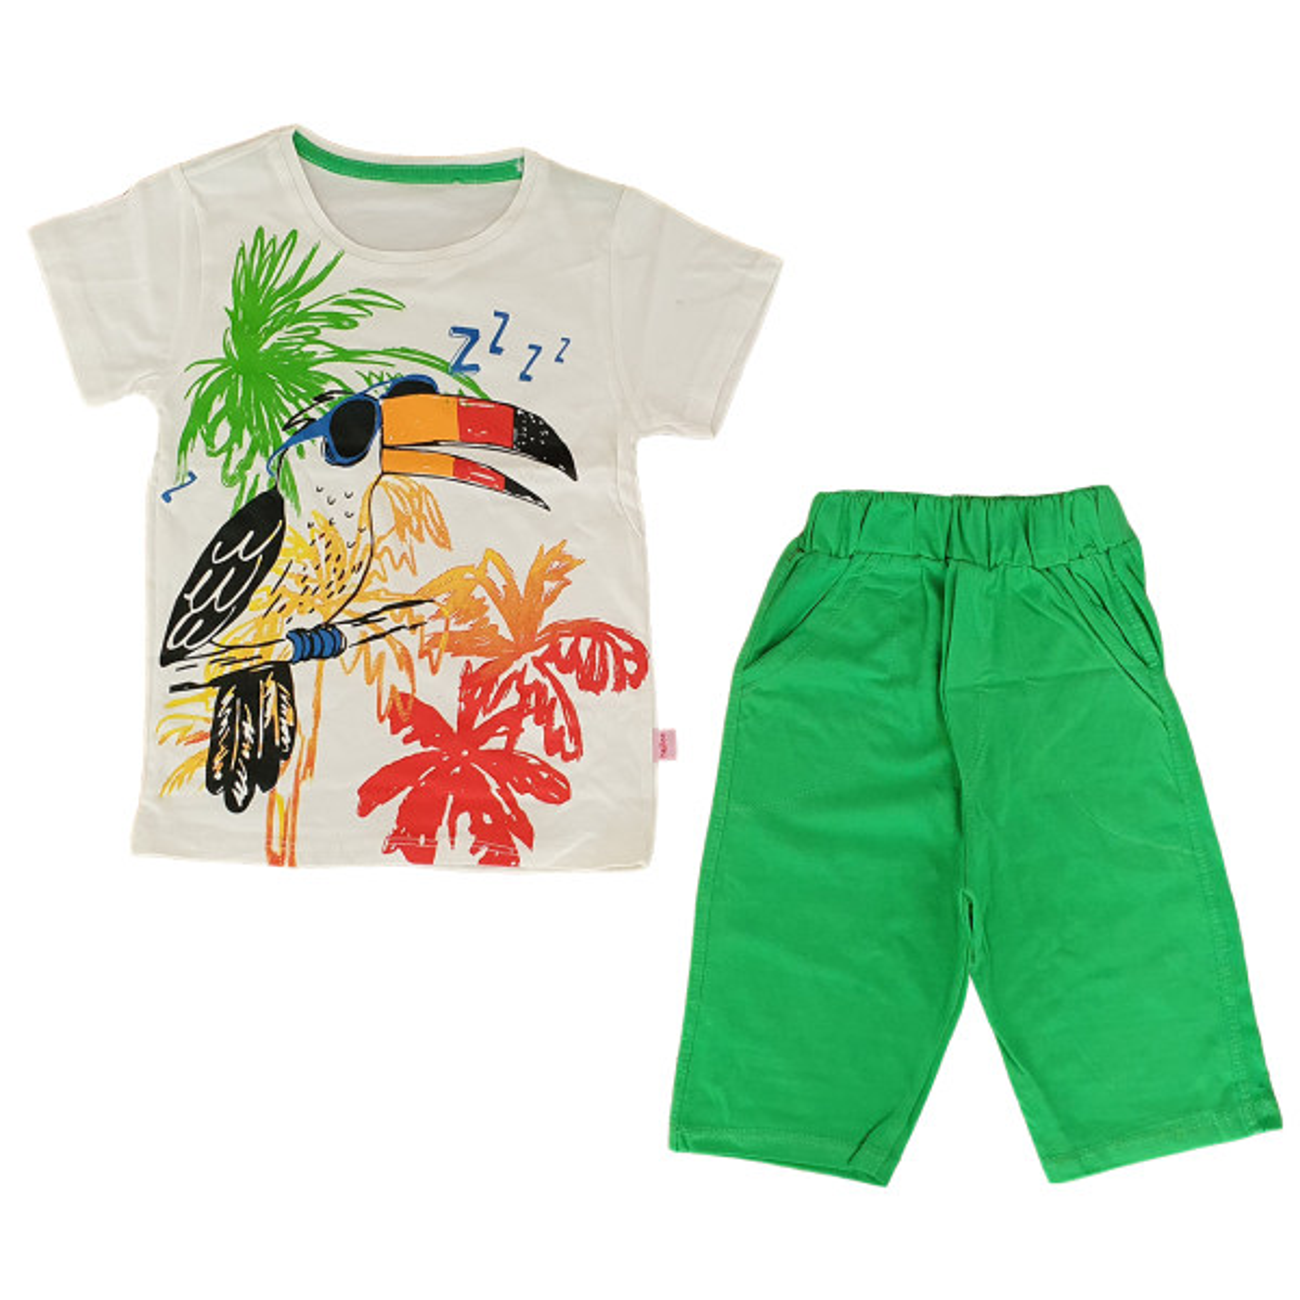 ست تی شرت و شلوارک بچگانه مدل توکا